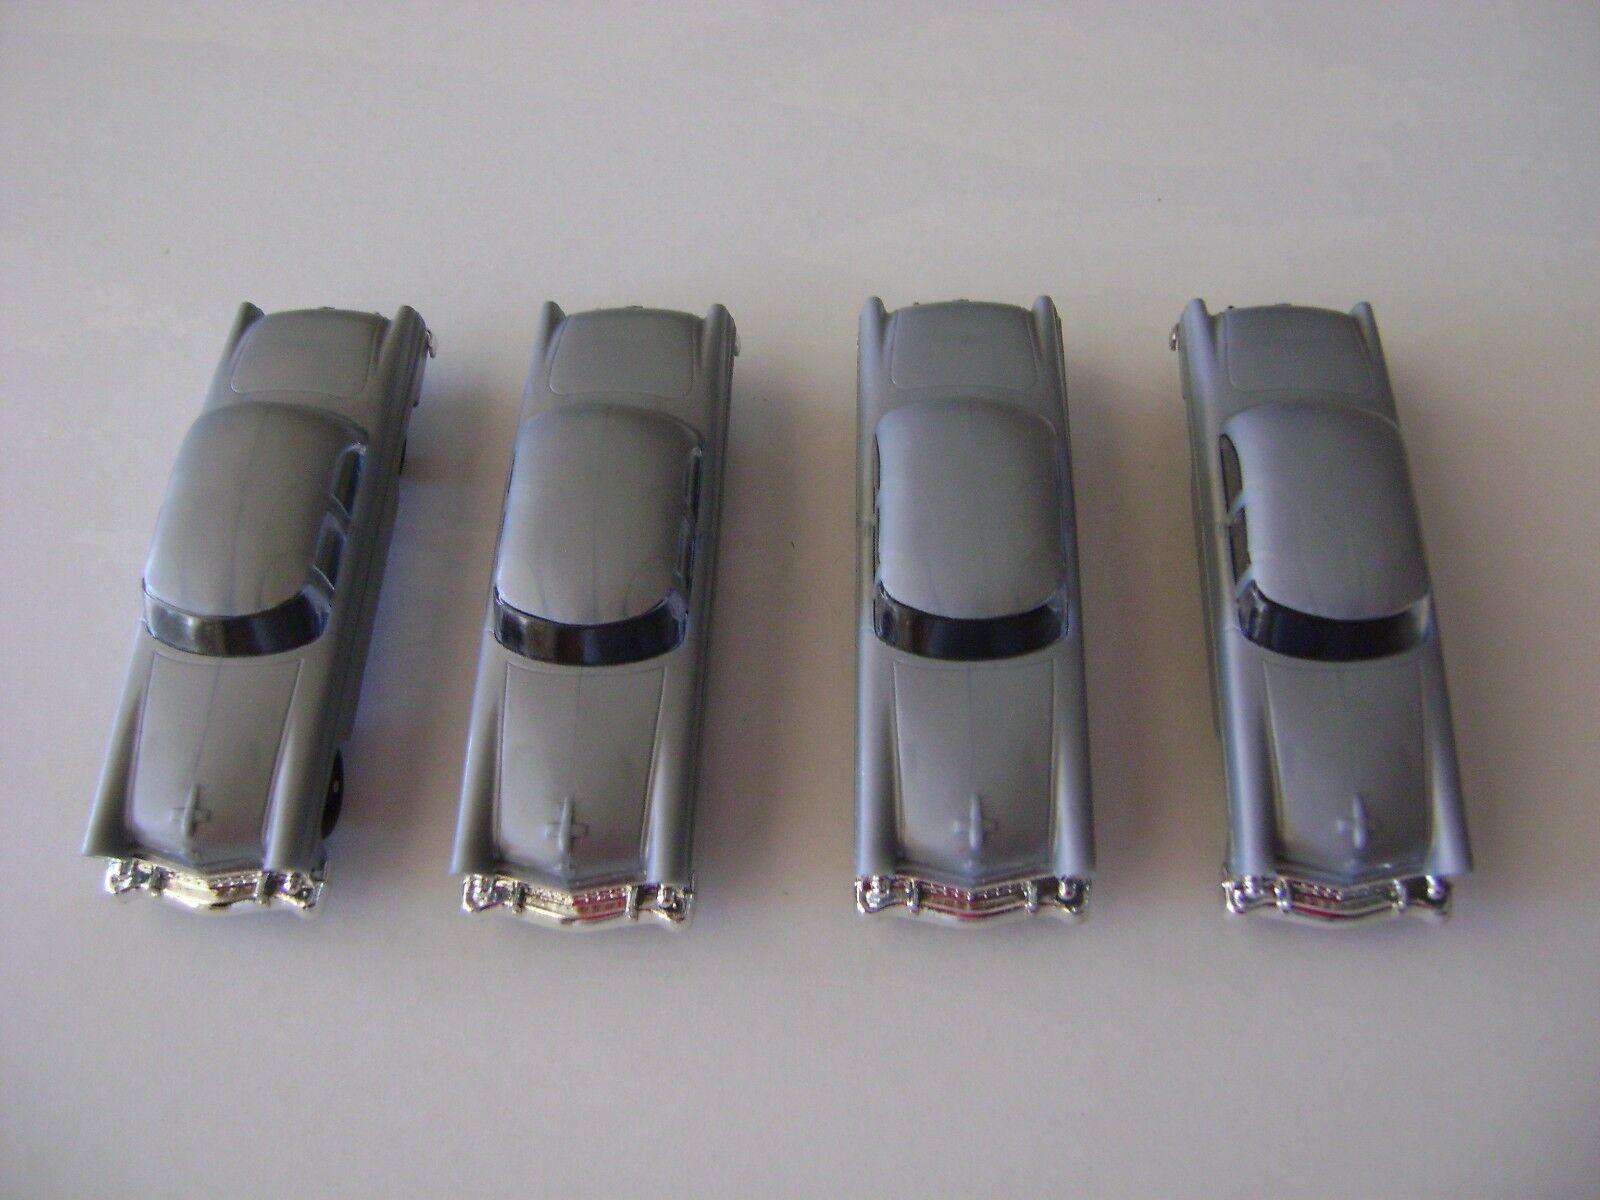 Lionel 6414 Plata Madison Hardware Original Autos - (juego de cuatro)